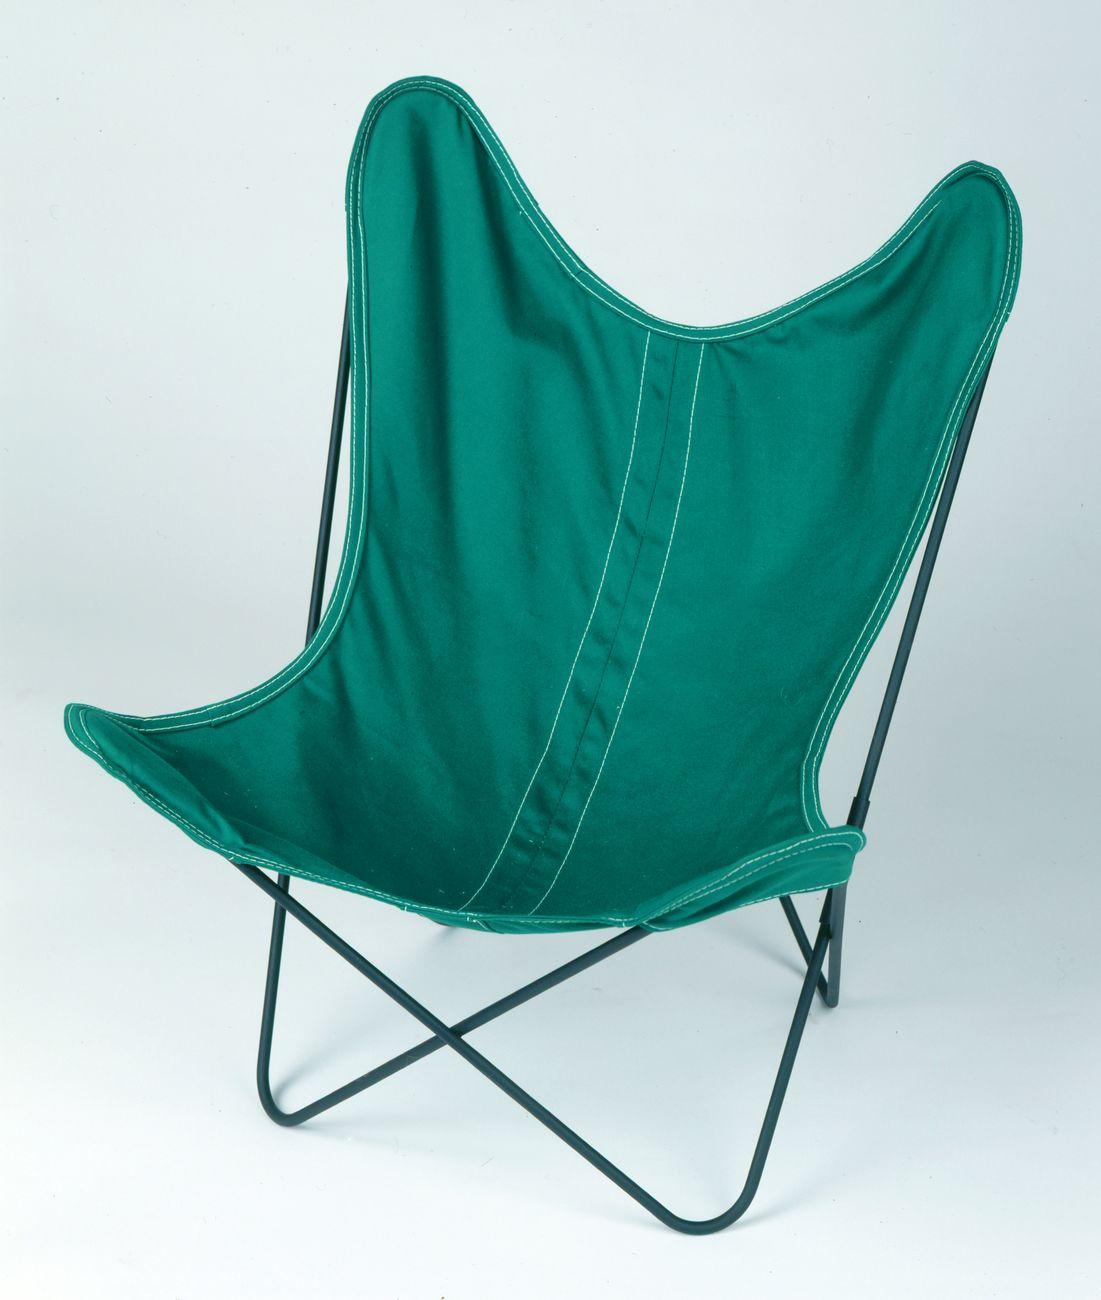 Grupo Austral, Hardoy Chair, 1938, prod. Artek Pascoe. Collection MAMC+. Photo © Yves Bresson MAMC+